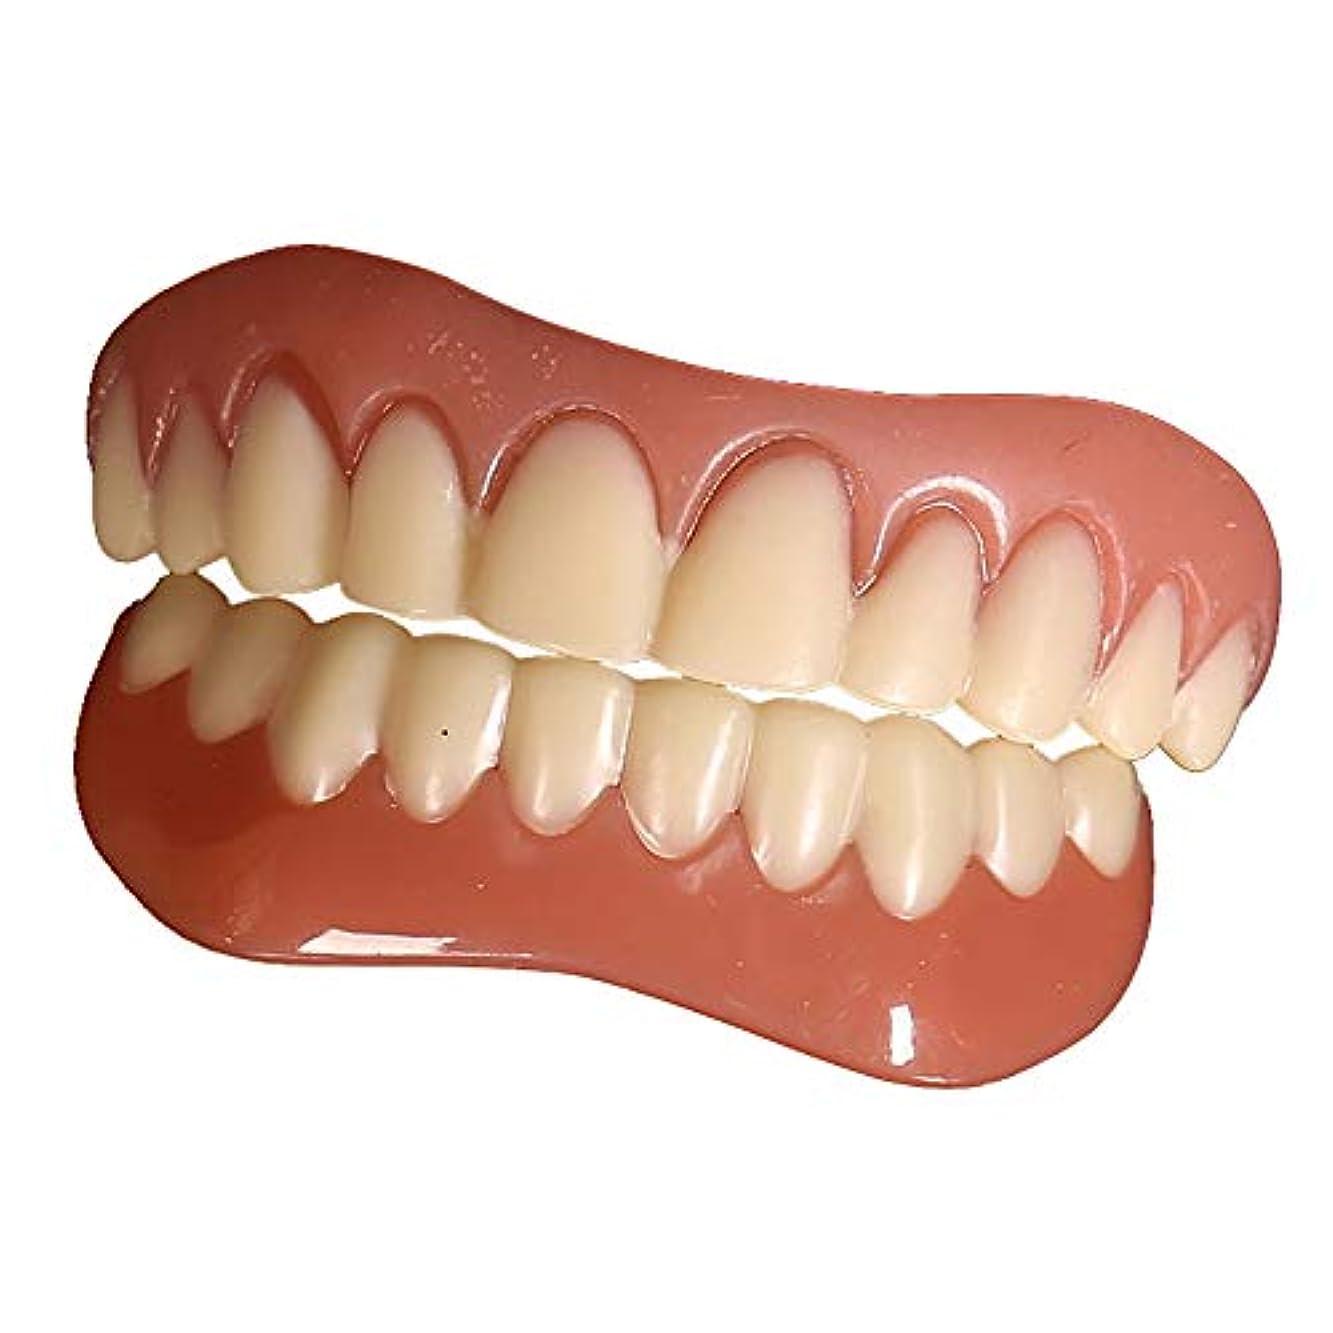 洞察力中絶暗くするパーフェクトインスタントスマイルティースベニヤインスタントビューティー2本入れ歯2本下歯(フリーサイズ(中))